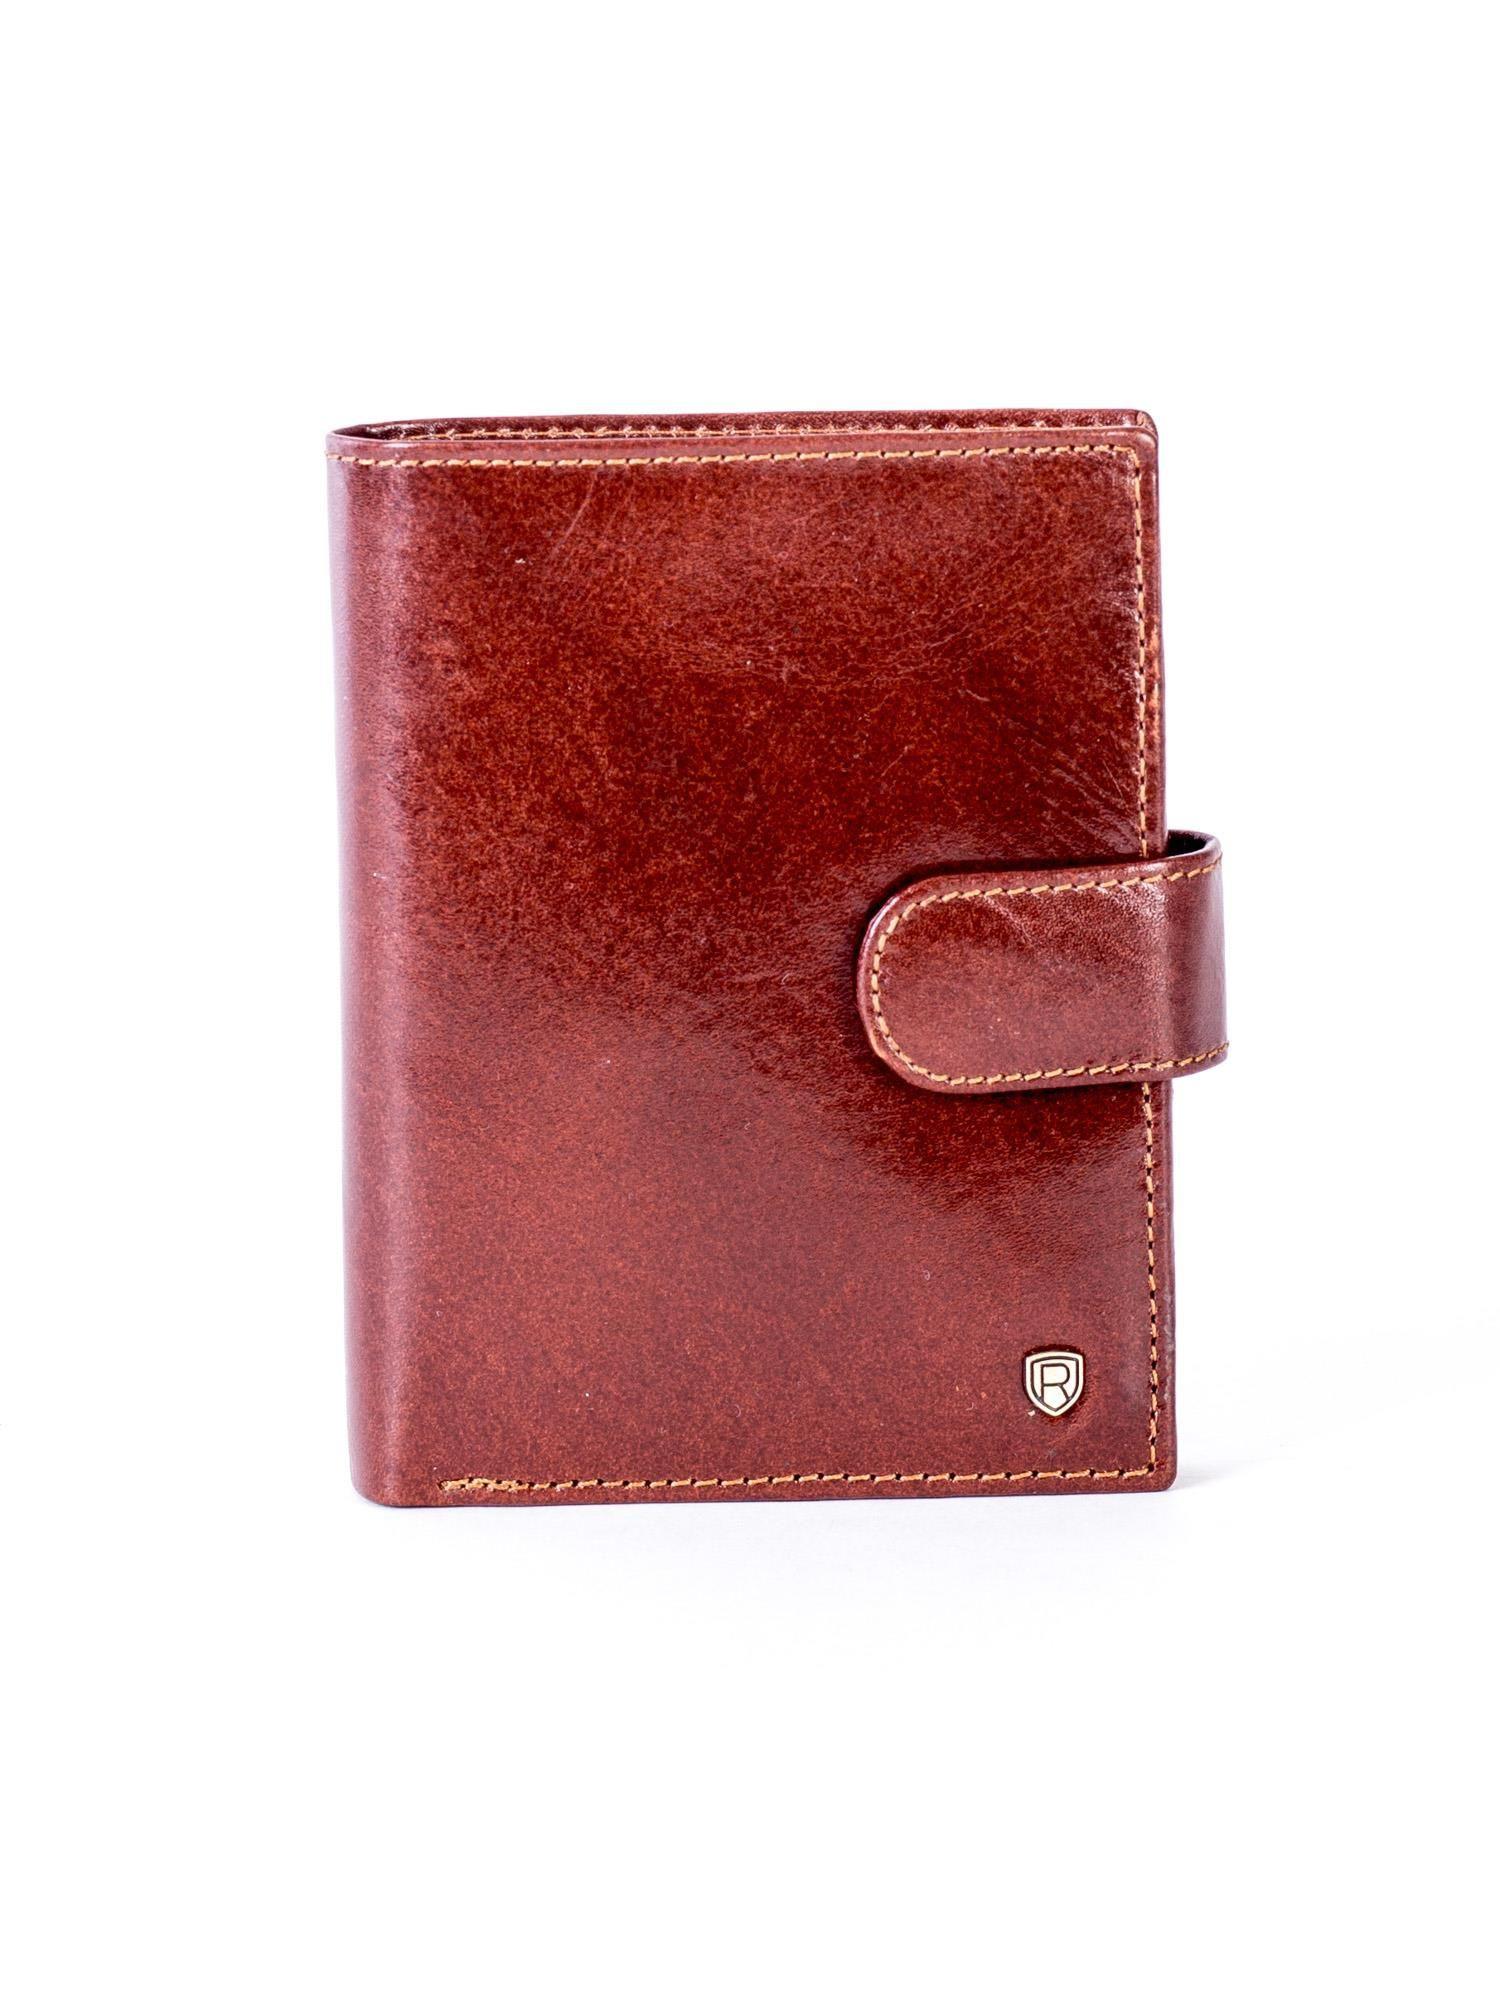 Hnědá kožená peněženka se západkou ONE SIZE